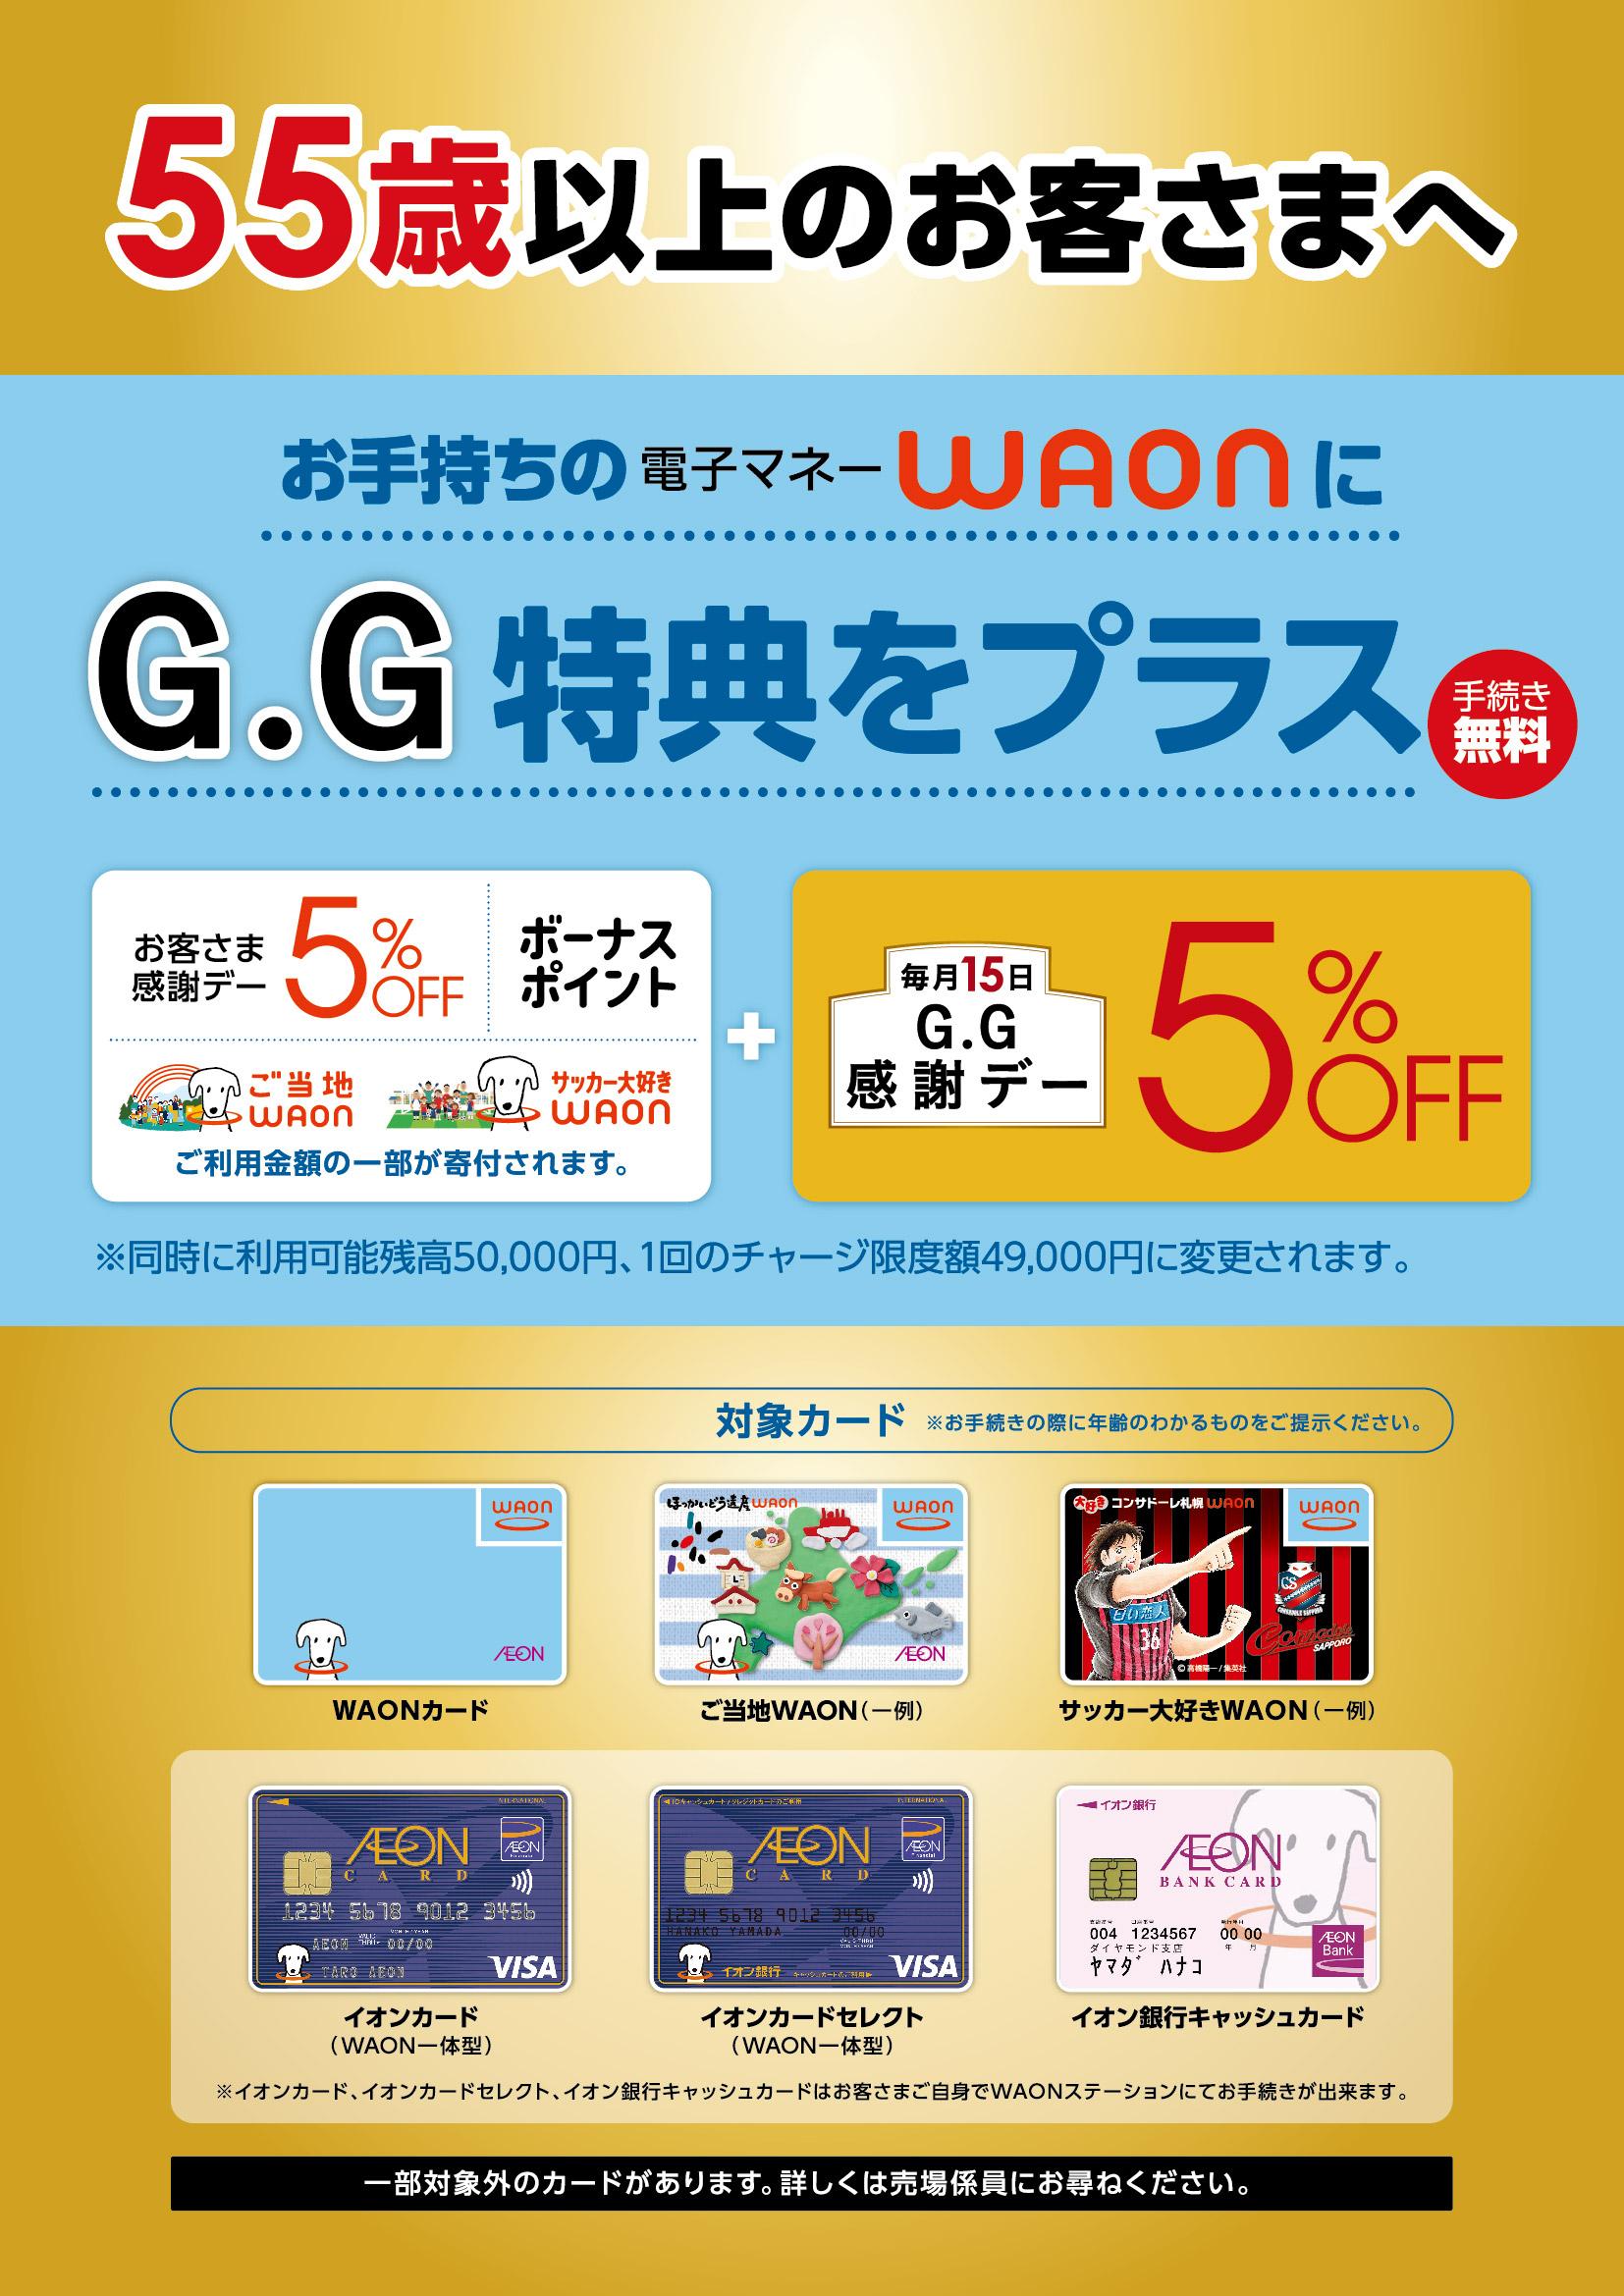 当地 waon ご 環境・社会貢献活動 ご当地WAON|マックスバリュ西日本